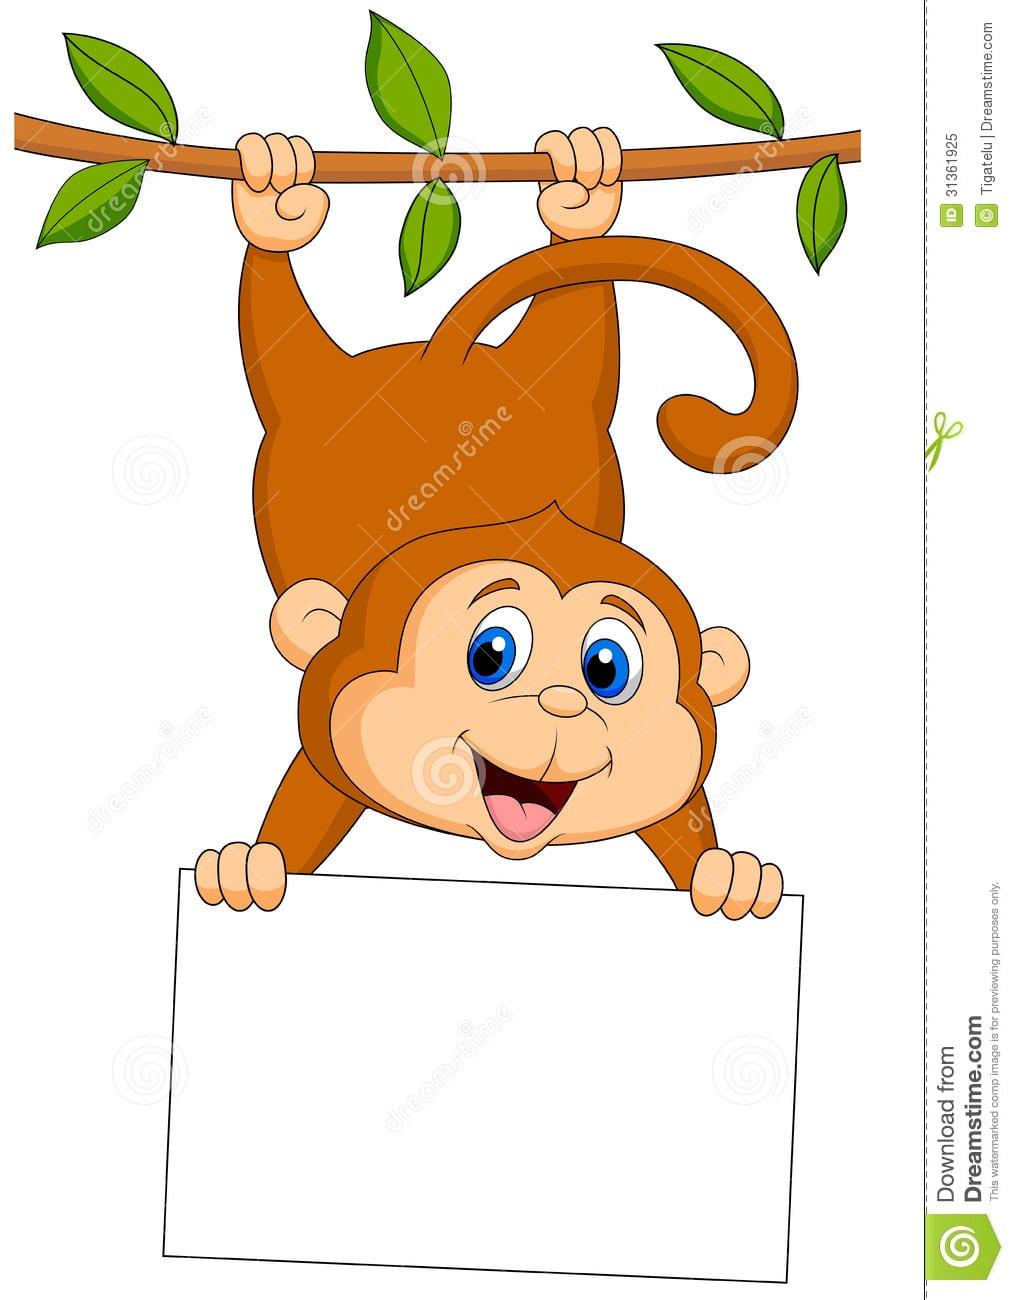 Desenhos Animados Bonitos Do Macaco Com Sinal Vazio, Foto De Stock